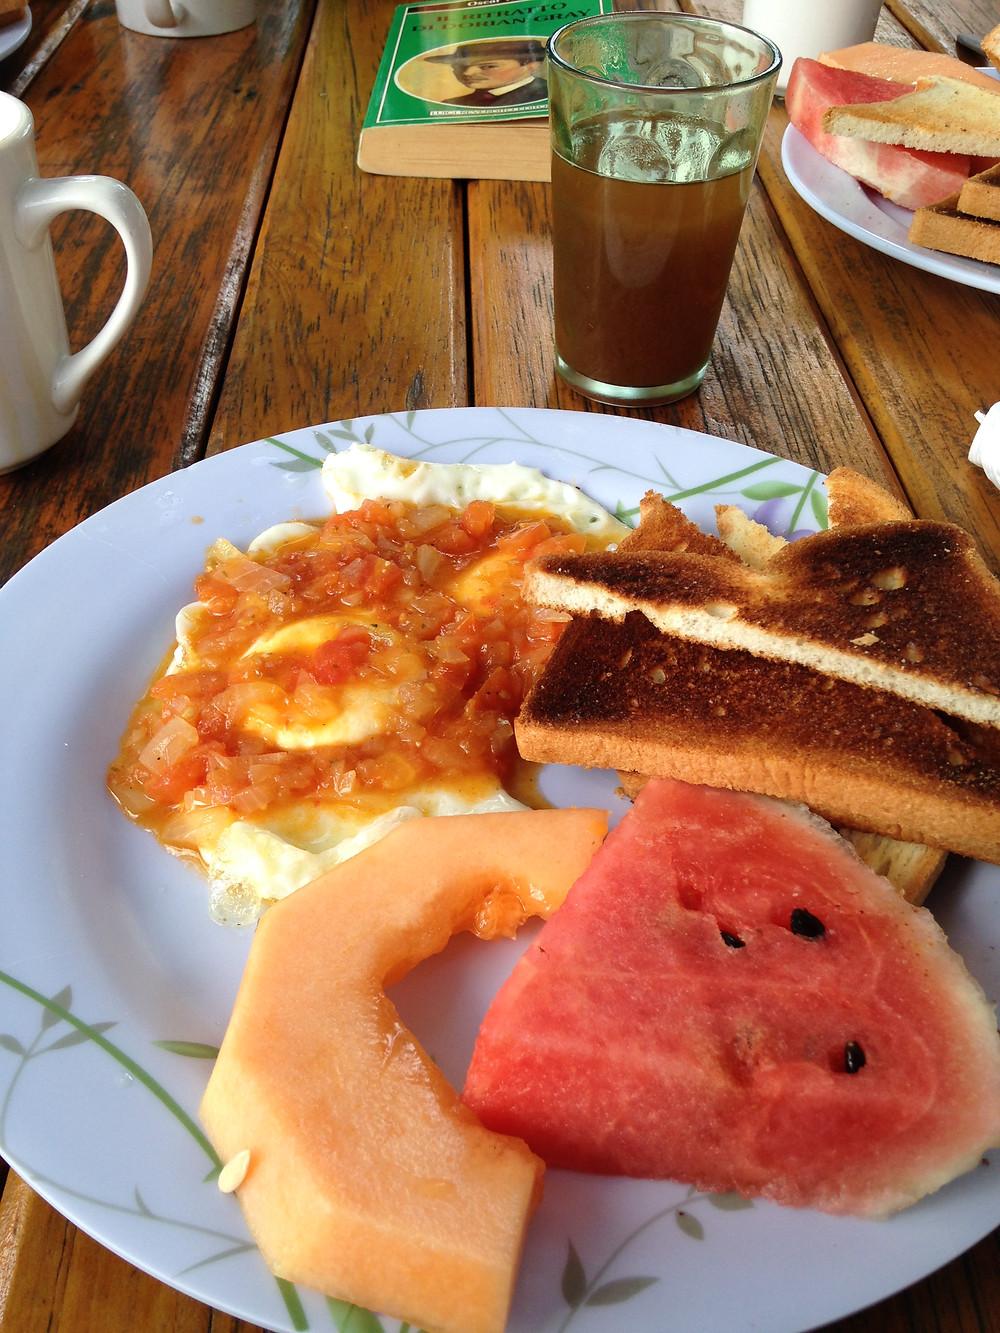 Breakfast at the Bananarama